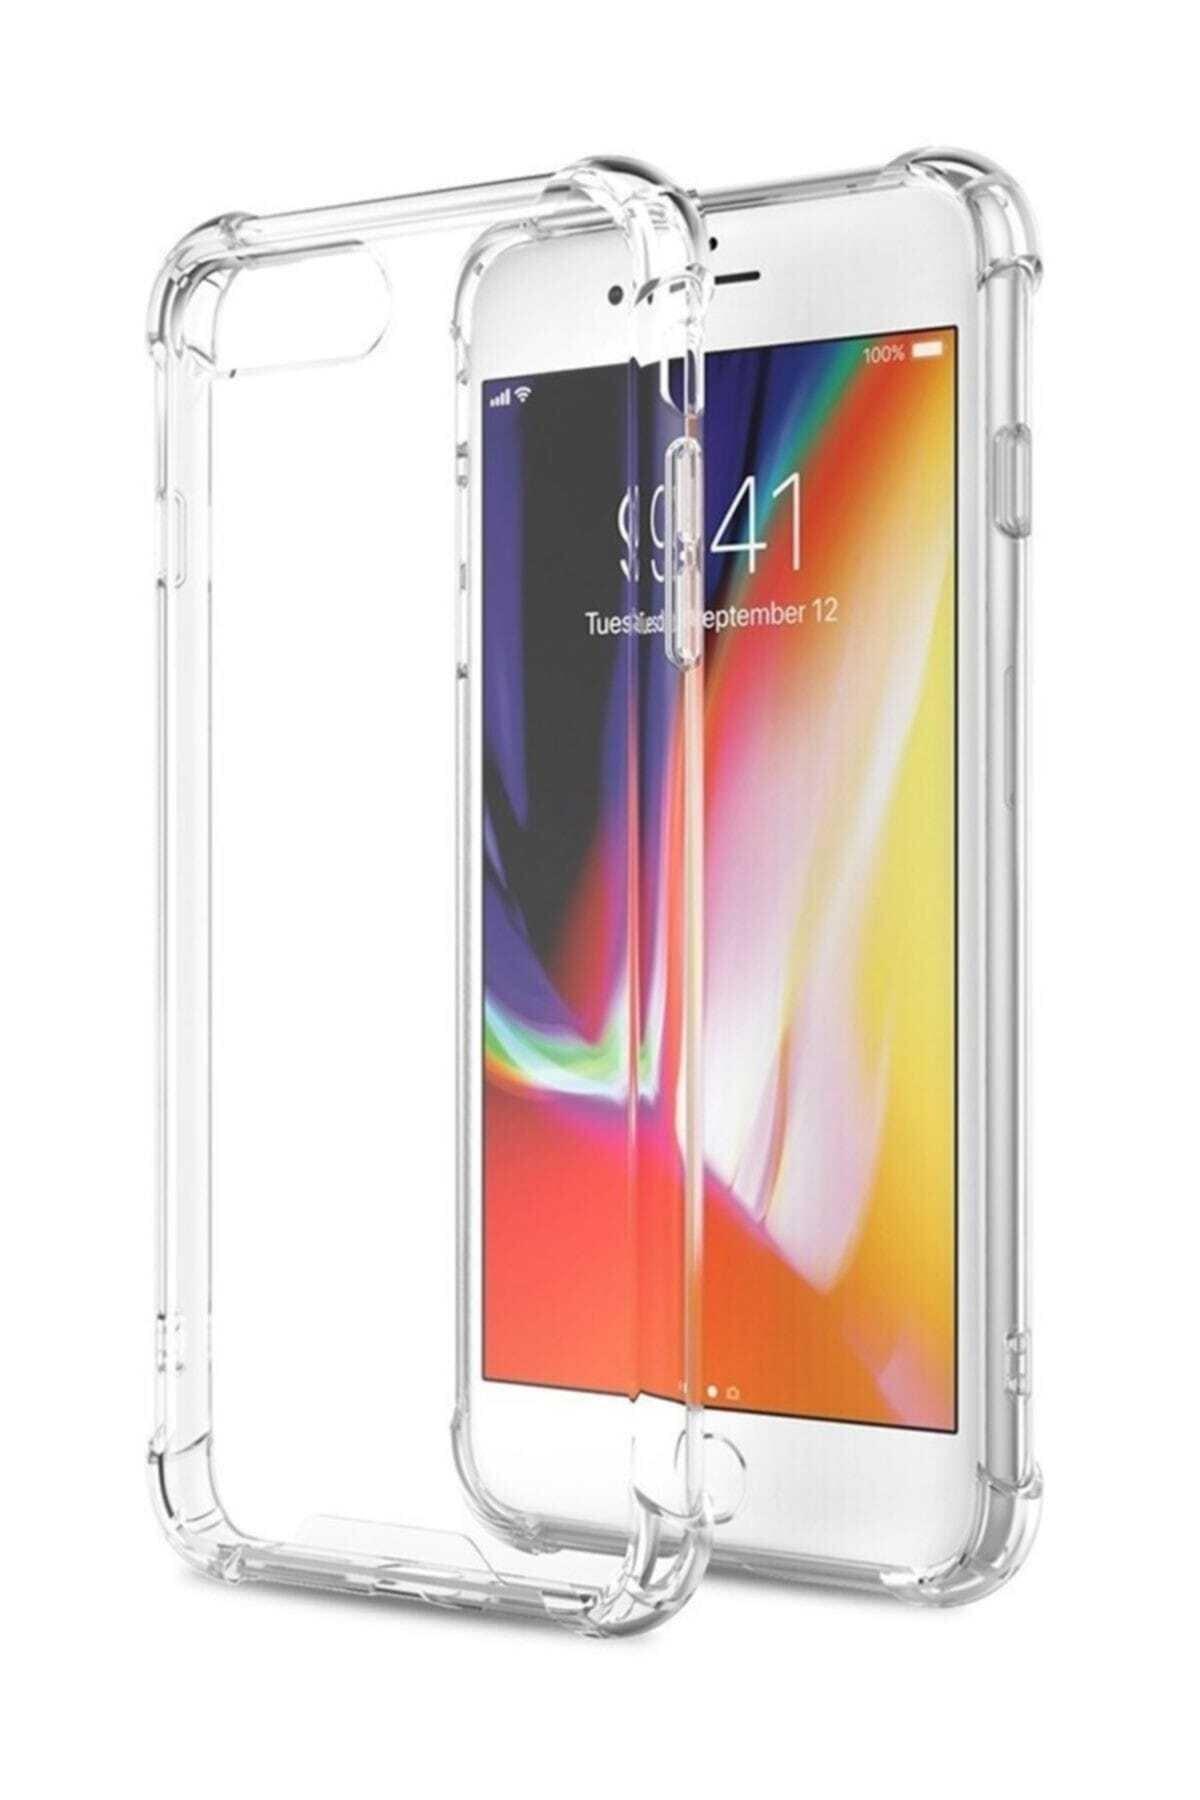 Telefon Aksesuarları Iphone 7 Plus - 8 Plus Ultra Ince Şeffaf Airbag Anti Şok Silikon Uyumlu Kılıf- Şeffaf 2